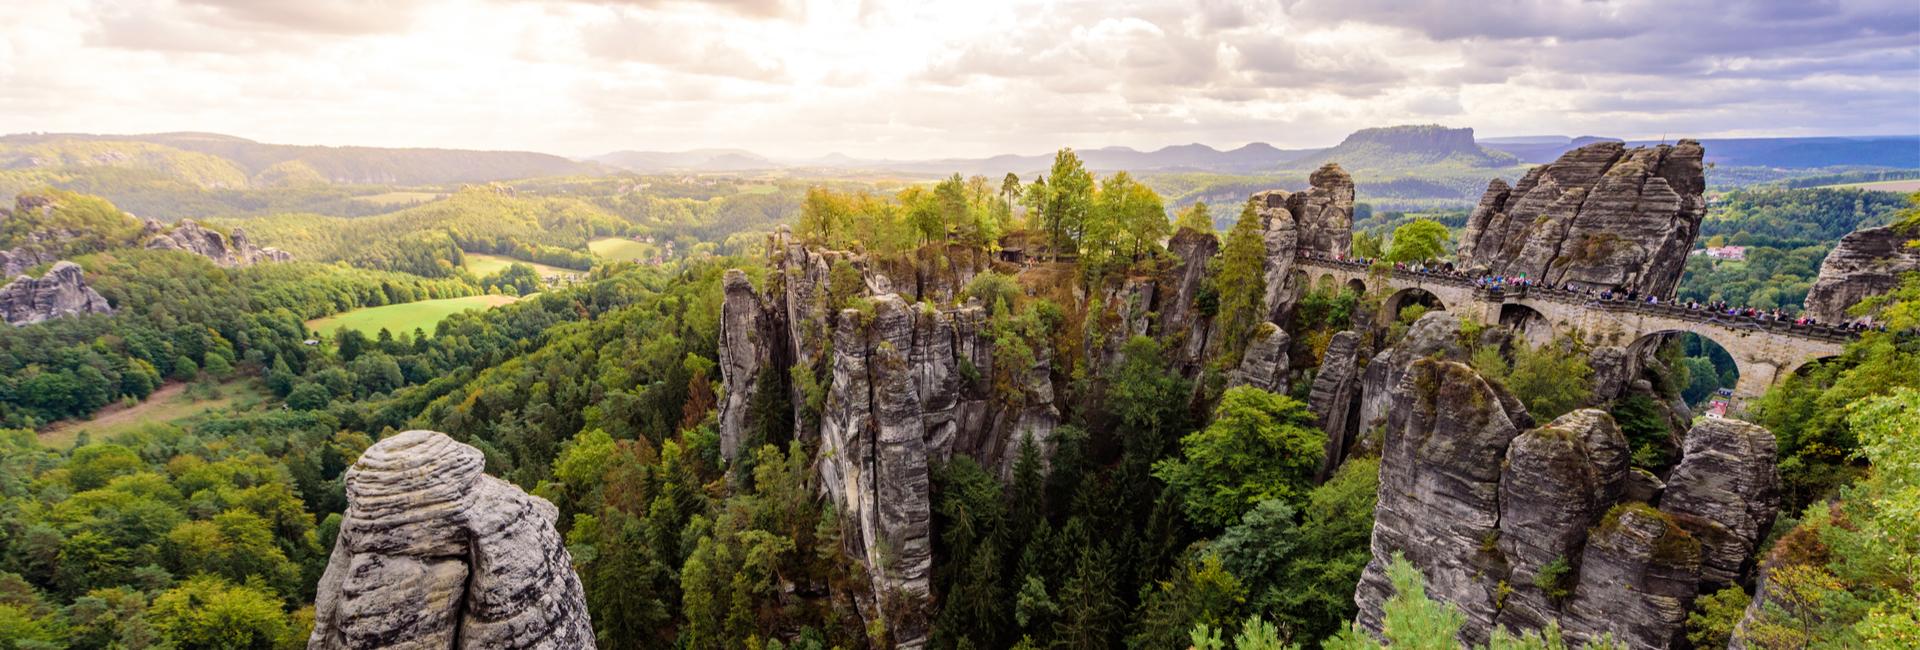 Dolna Saksonia – majówka, która spełni wszystkie oczekiwania – Długi  weekend. Na majówkę do Niemiec